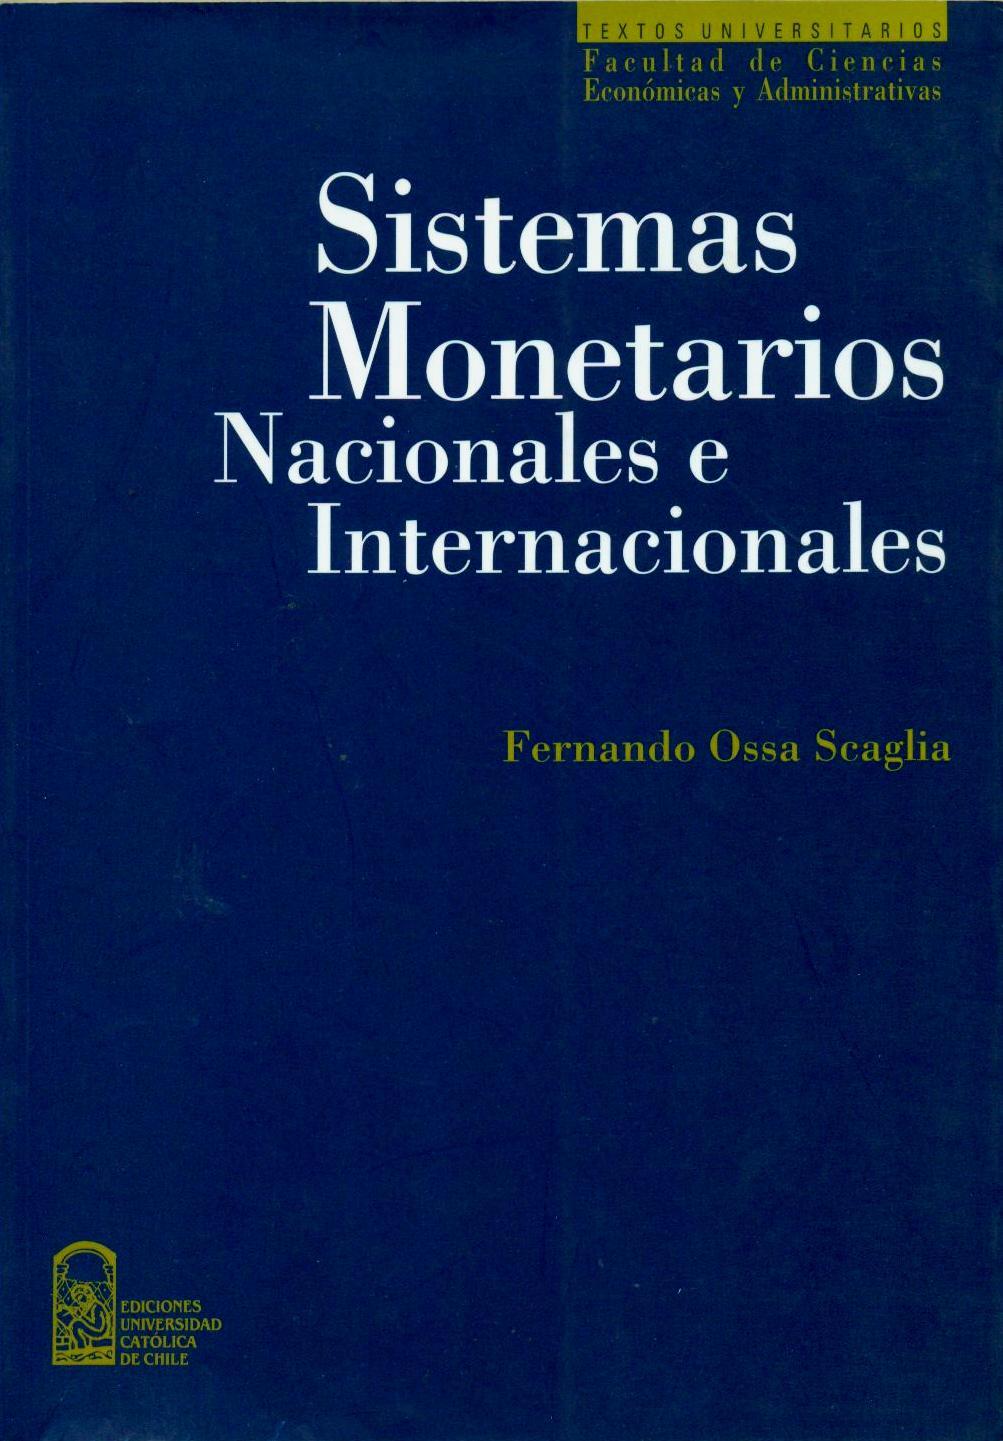 Sistemas monetarios nacionales e internacionales